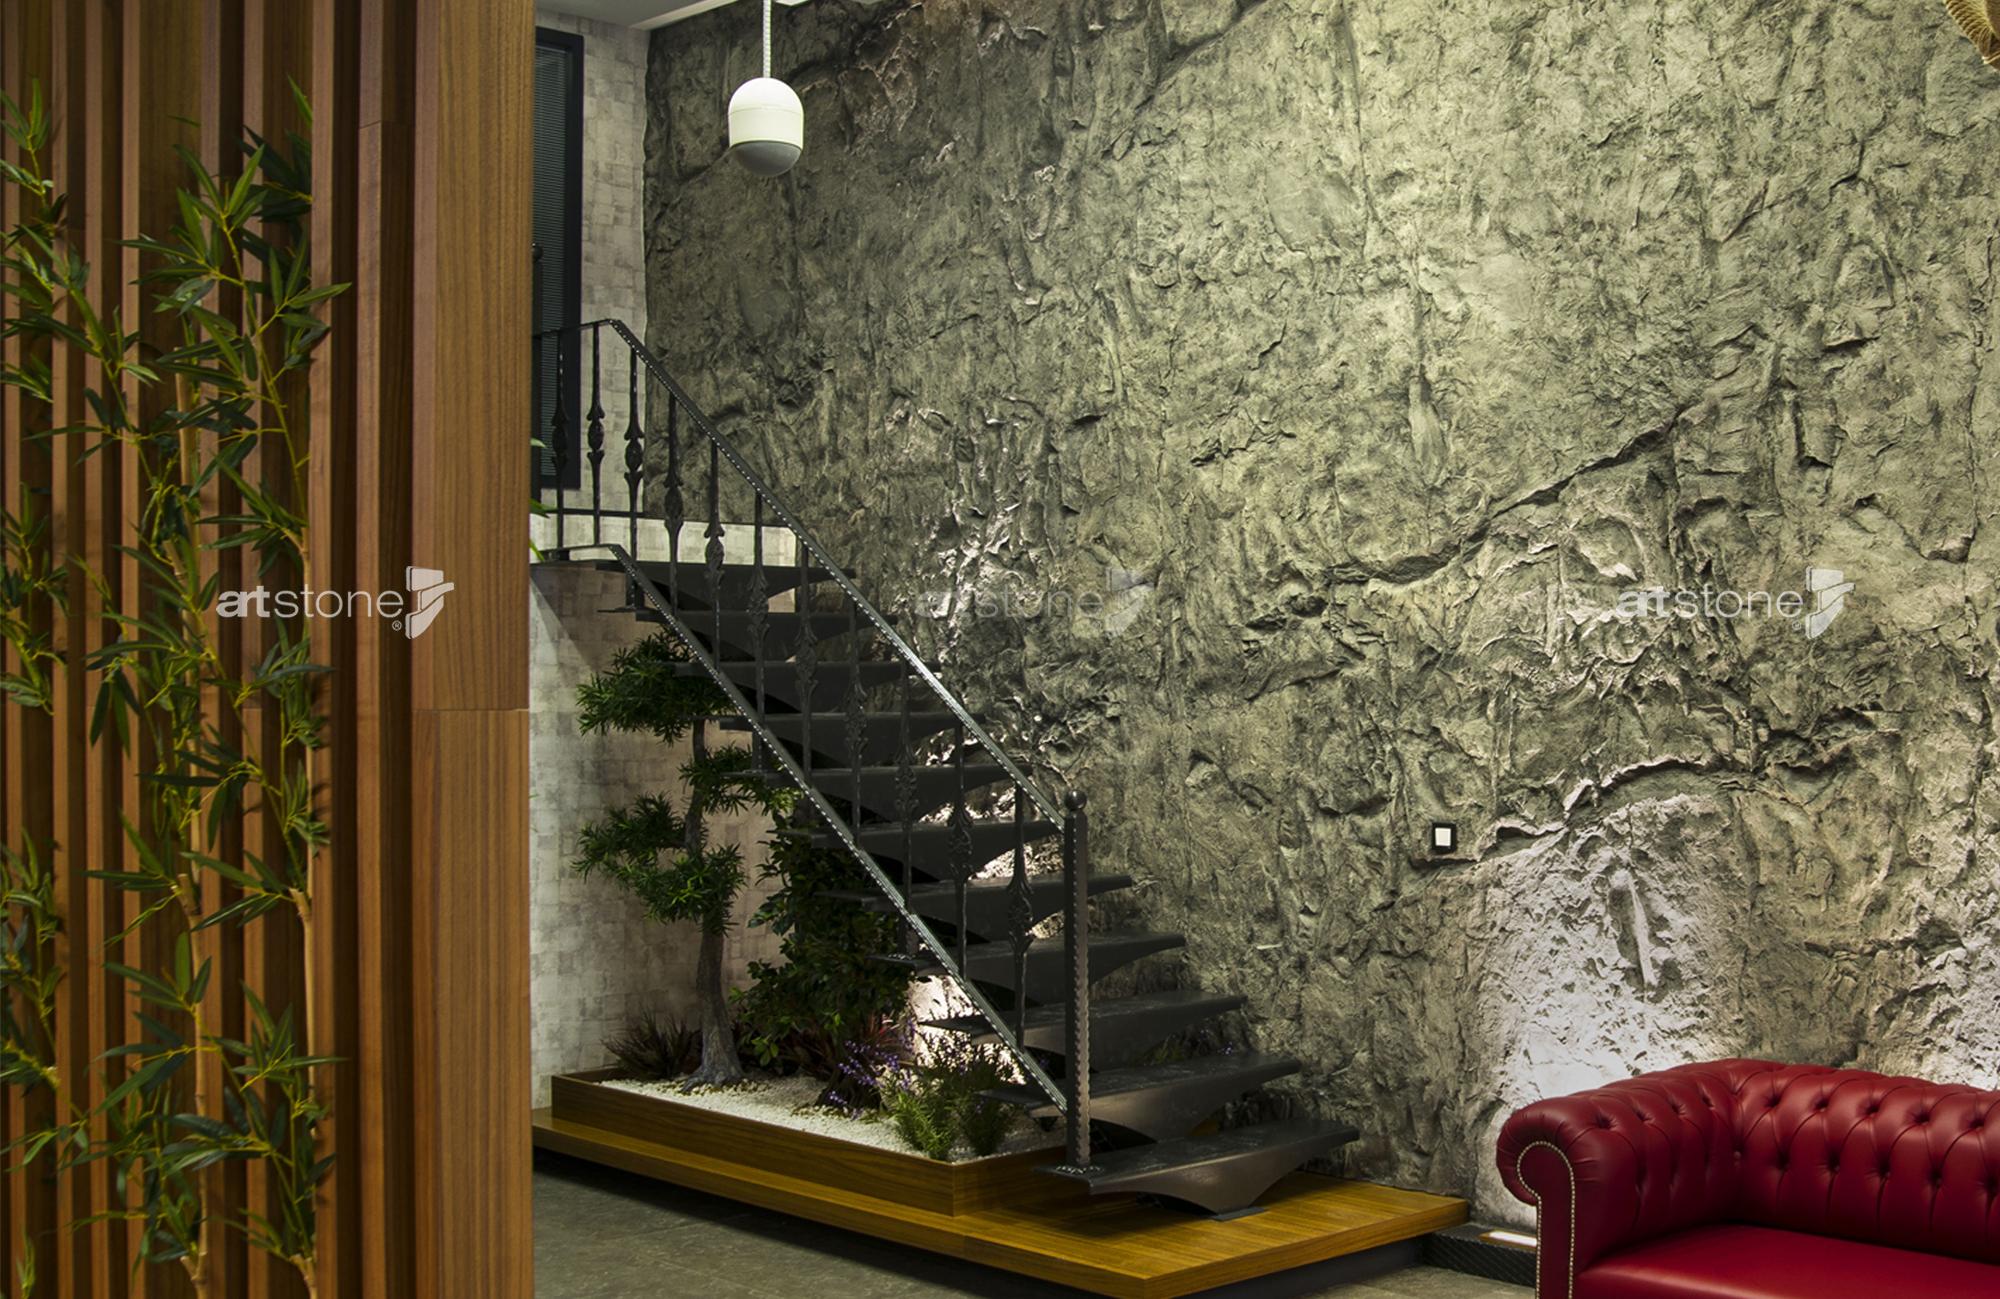 dogal-magara-gorunumlu-duvar-paneli-dekorasyon-9